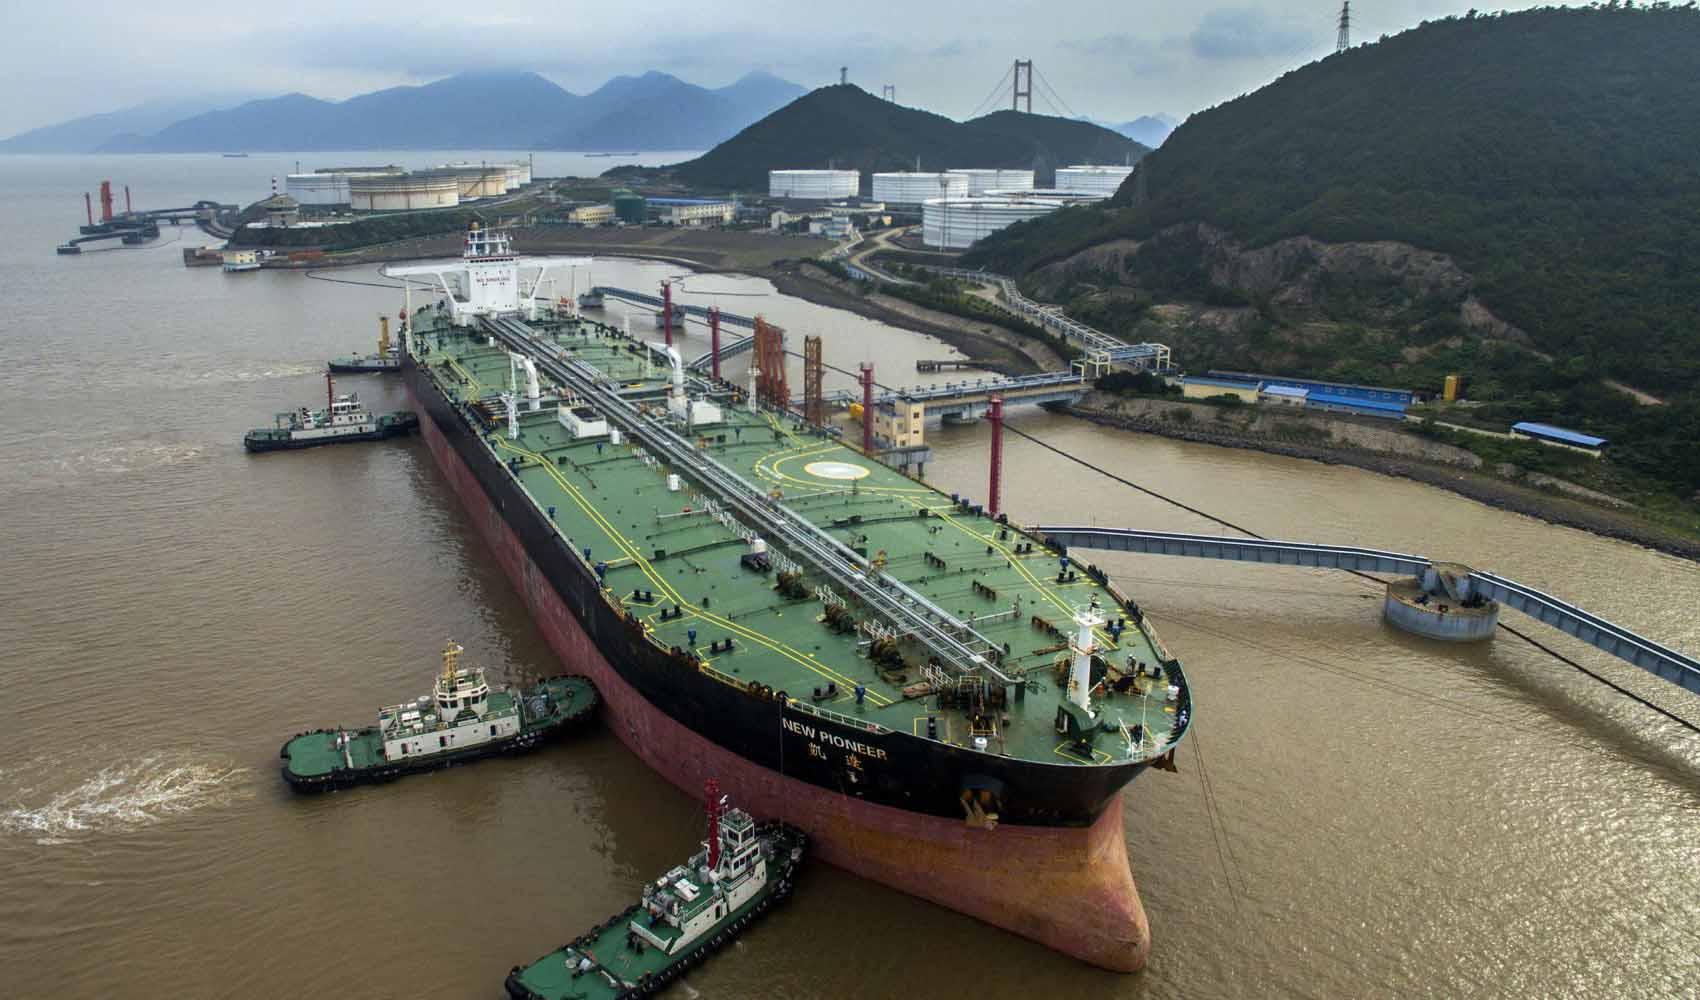 واردات بیش از ۱۴ میلیون تن نفت ایران توسط چین در ۱۱ ماه